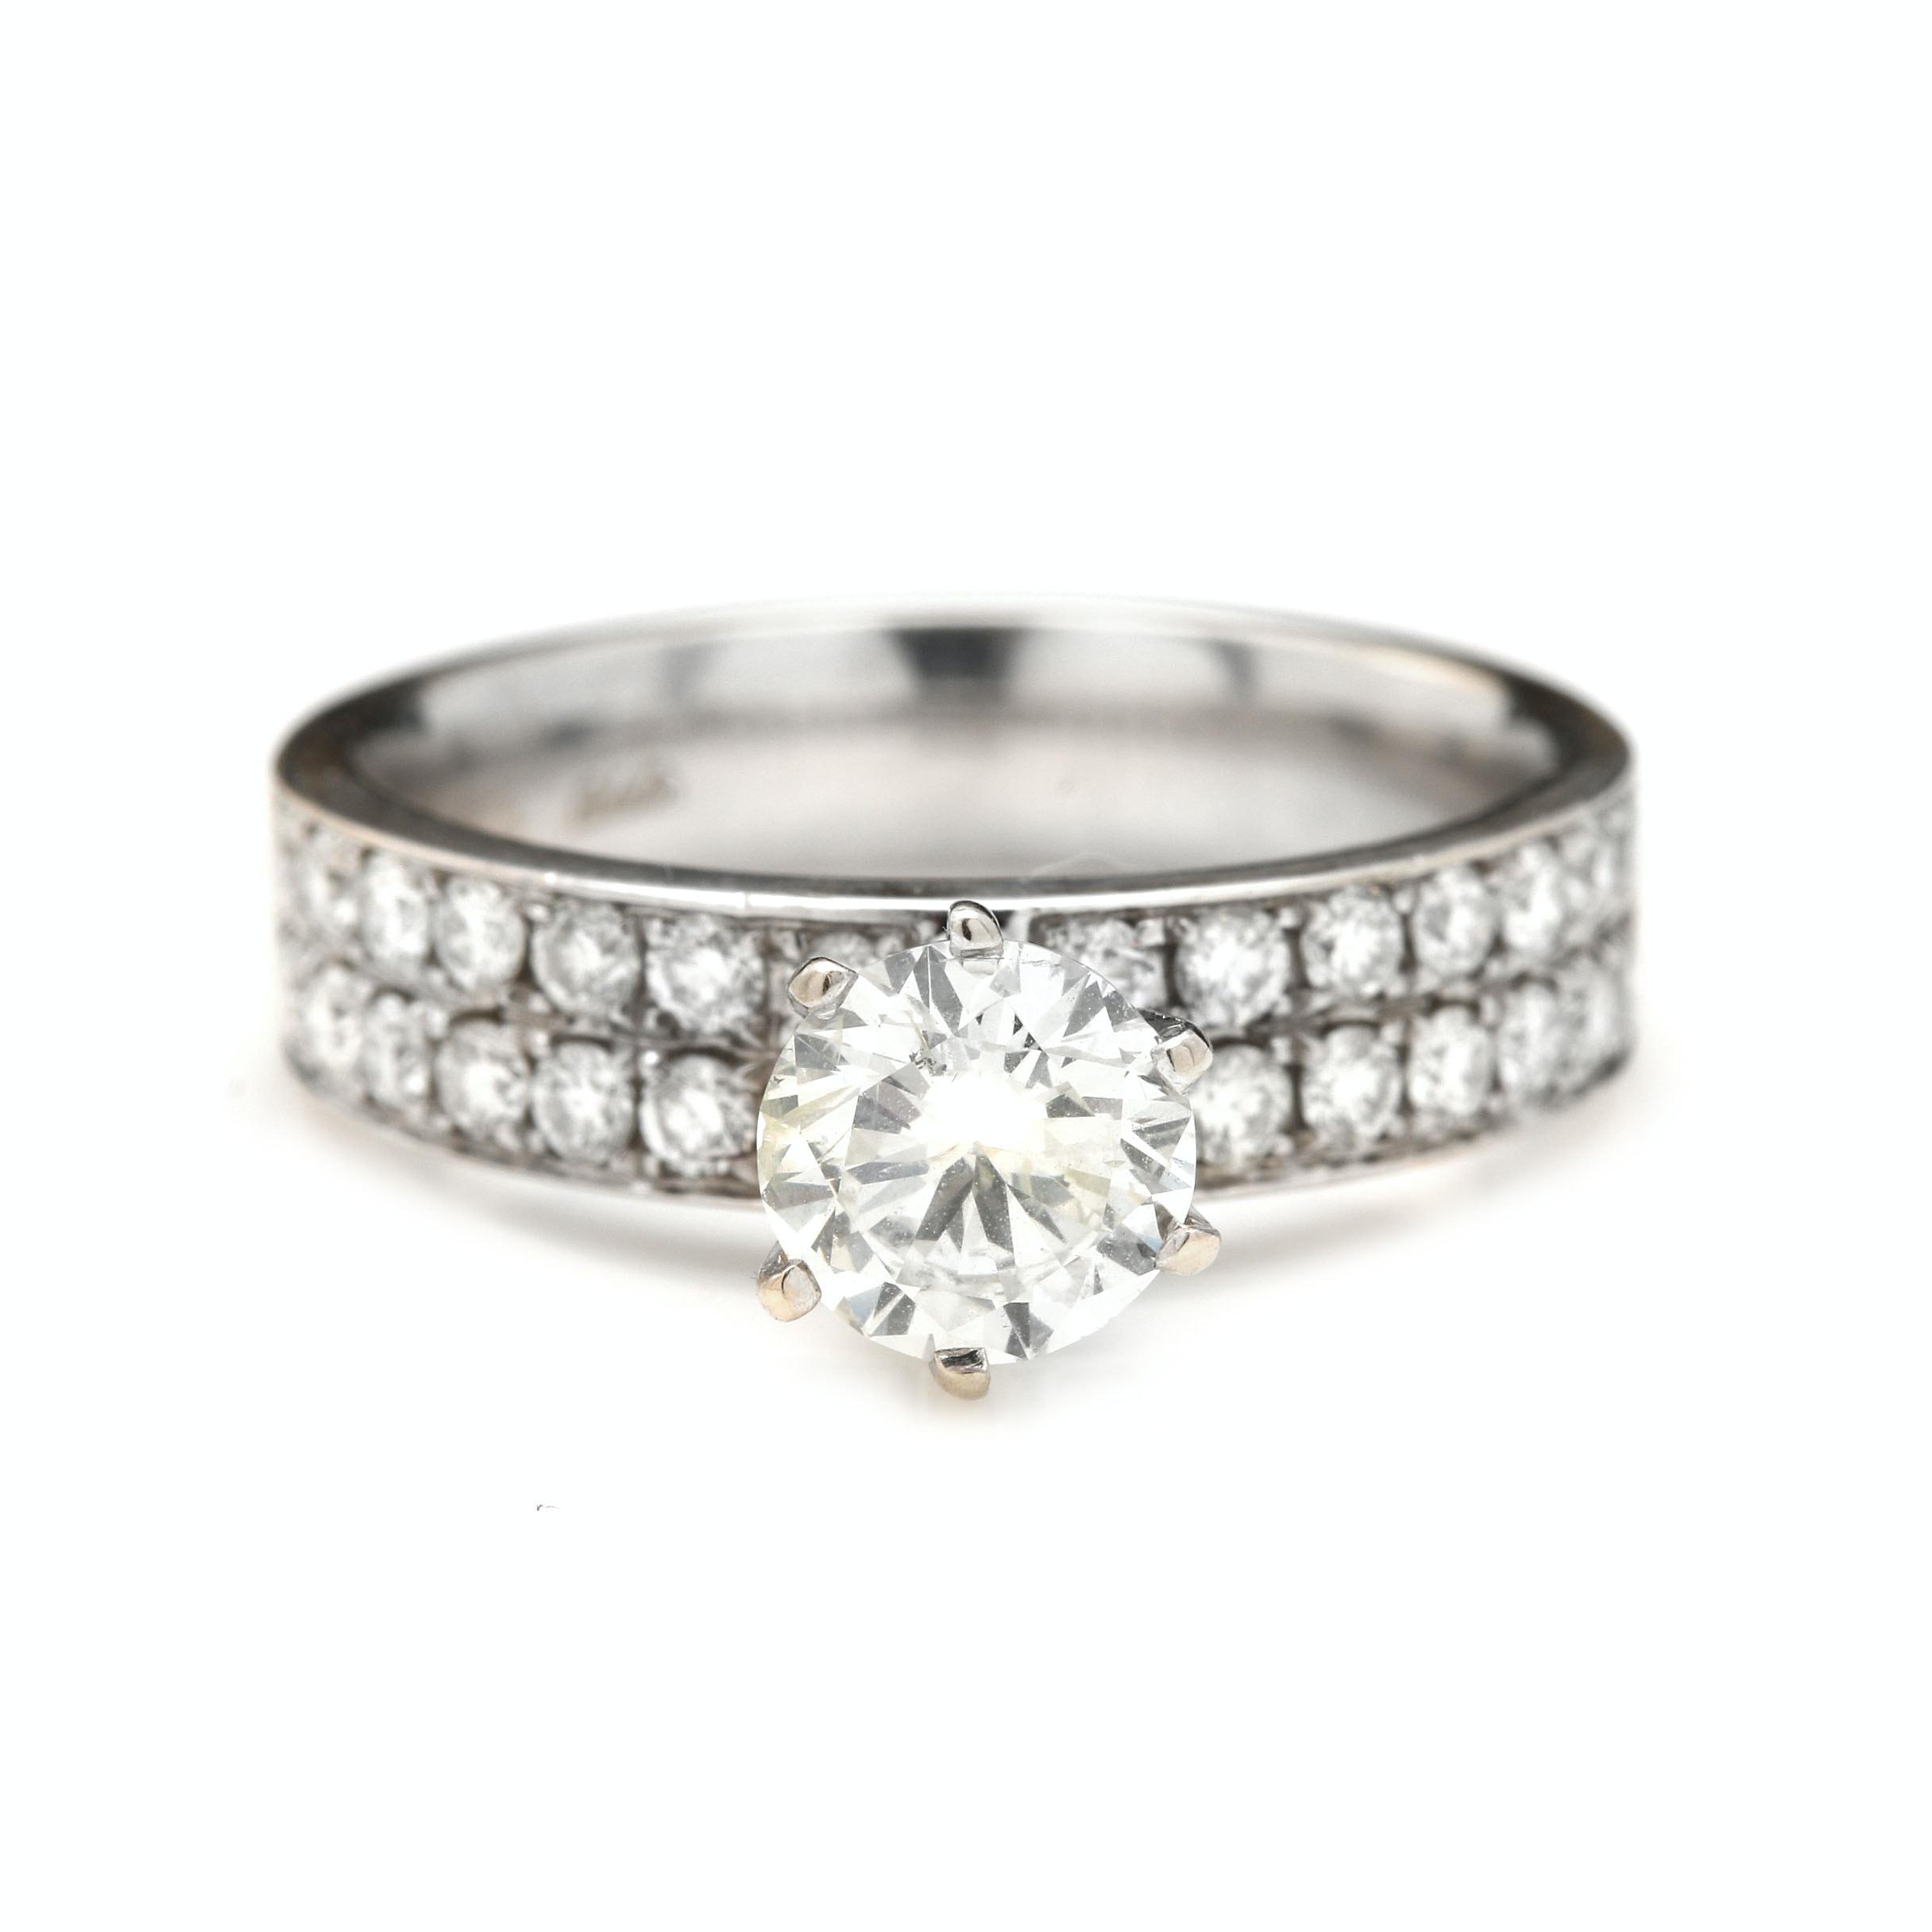 Odelia 18K White Gold 1.59 CTW Diamond Ring